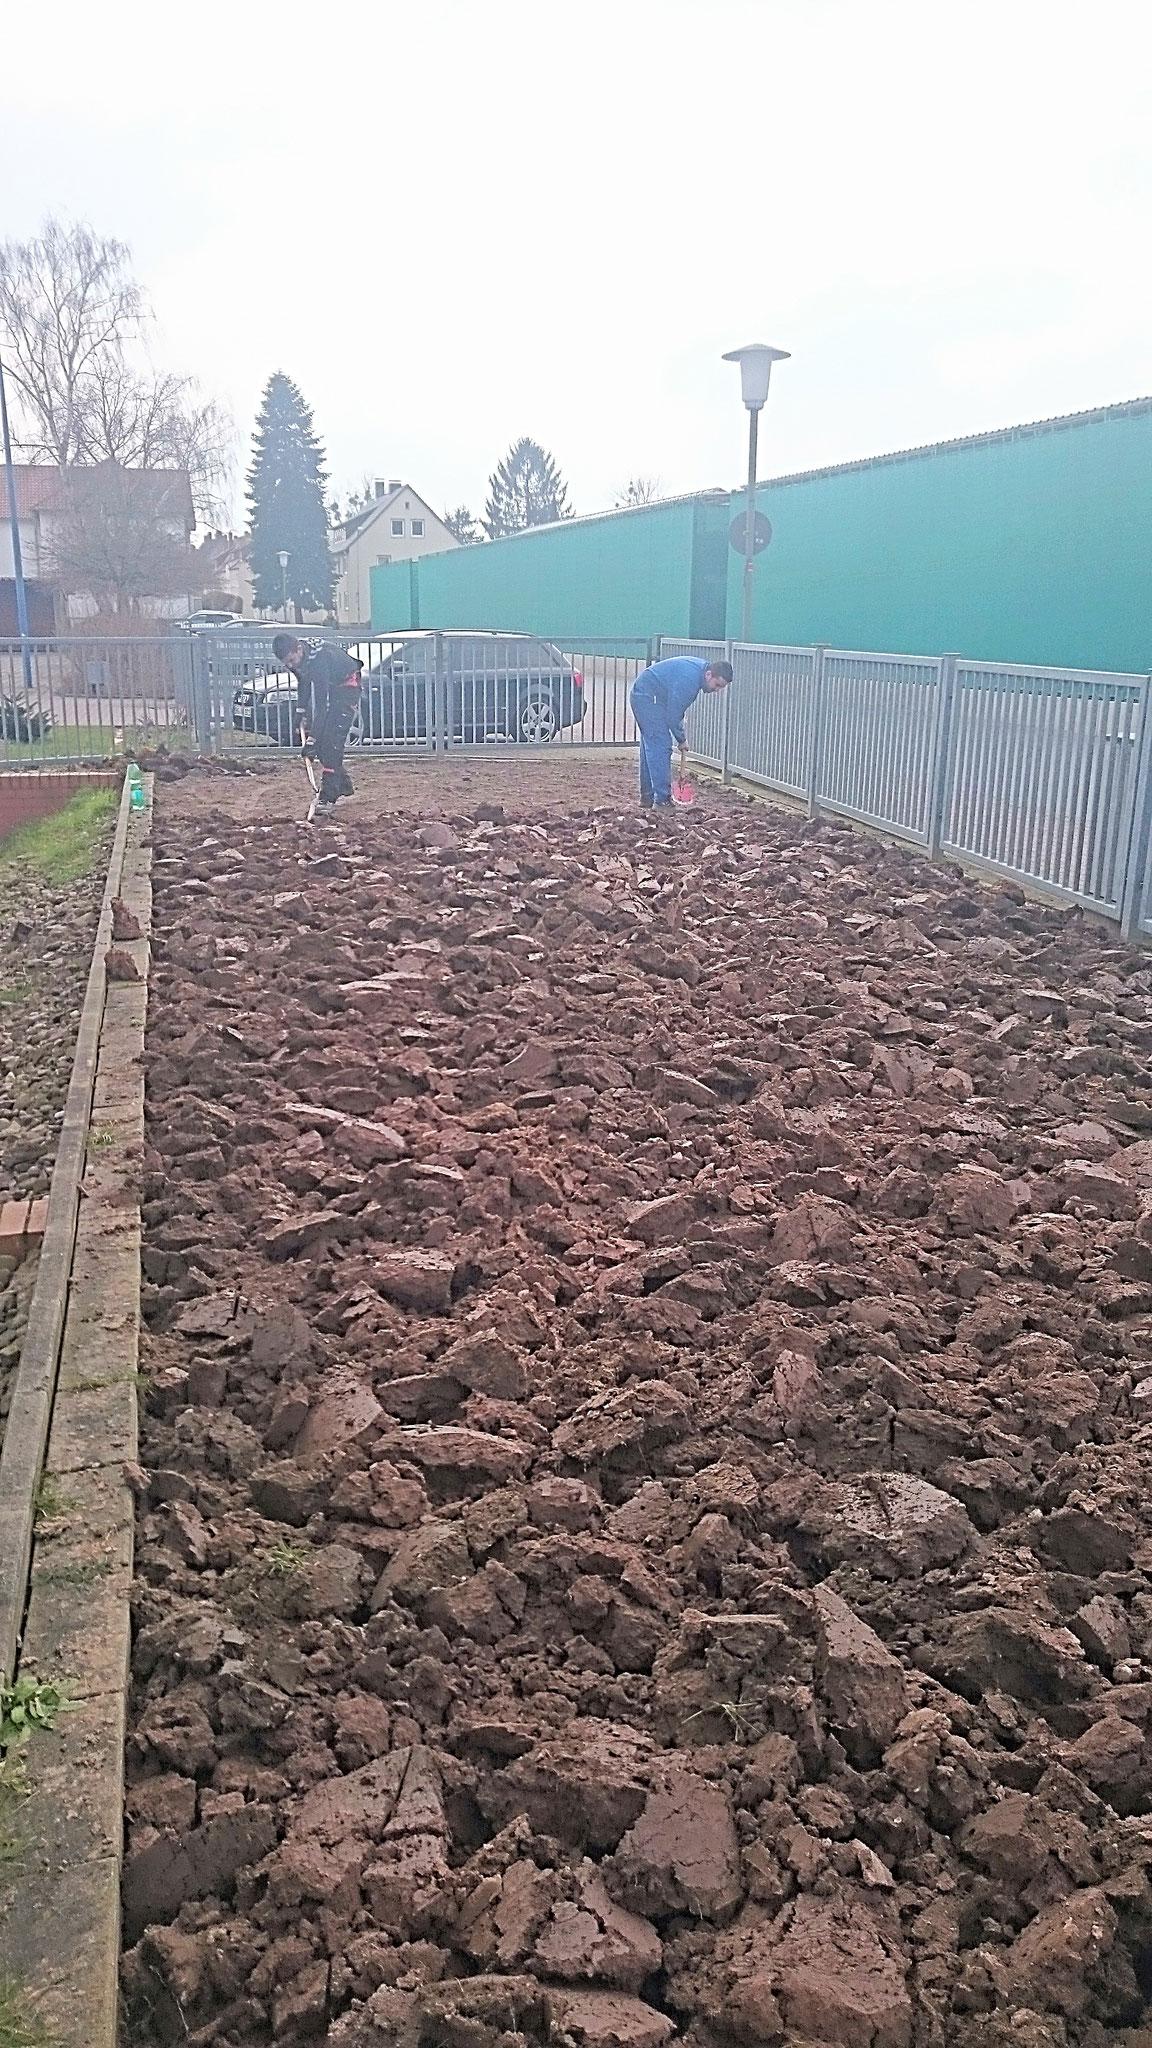 fast 115 Quadratmeter Rasenfläche wurde links- und rechtsseitig des Einganges zur Geschäftsstelle wurden entfernt und der Boden umgegraben - Foto: Britta Raabe